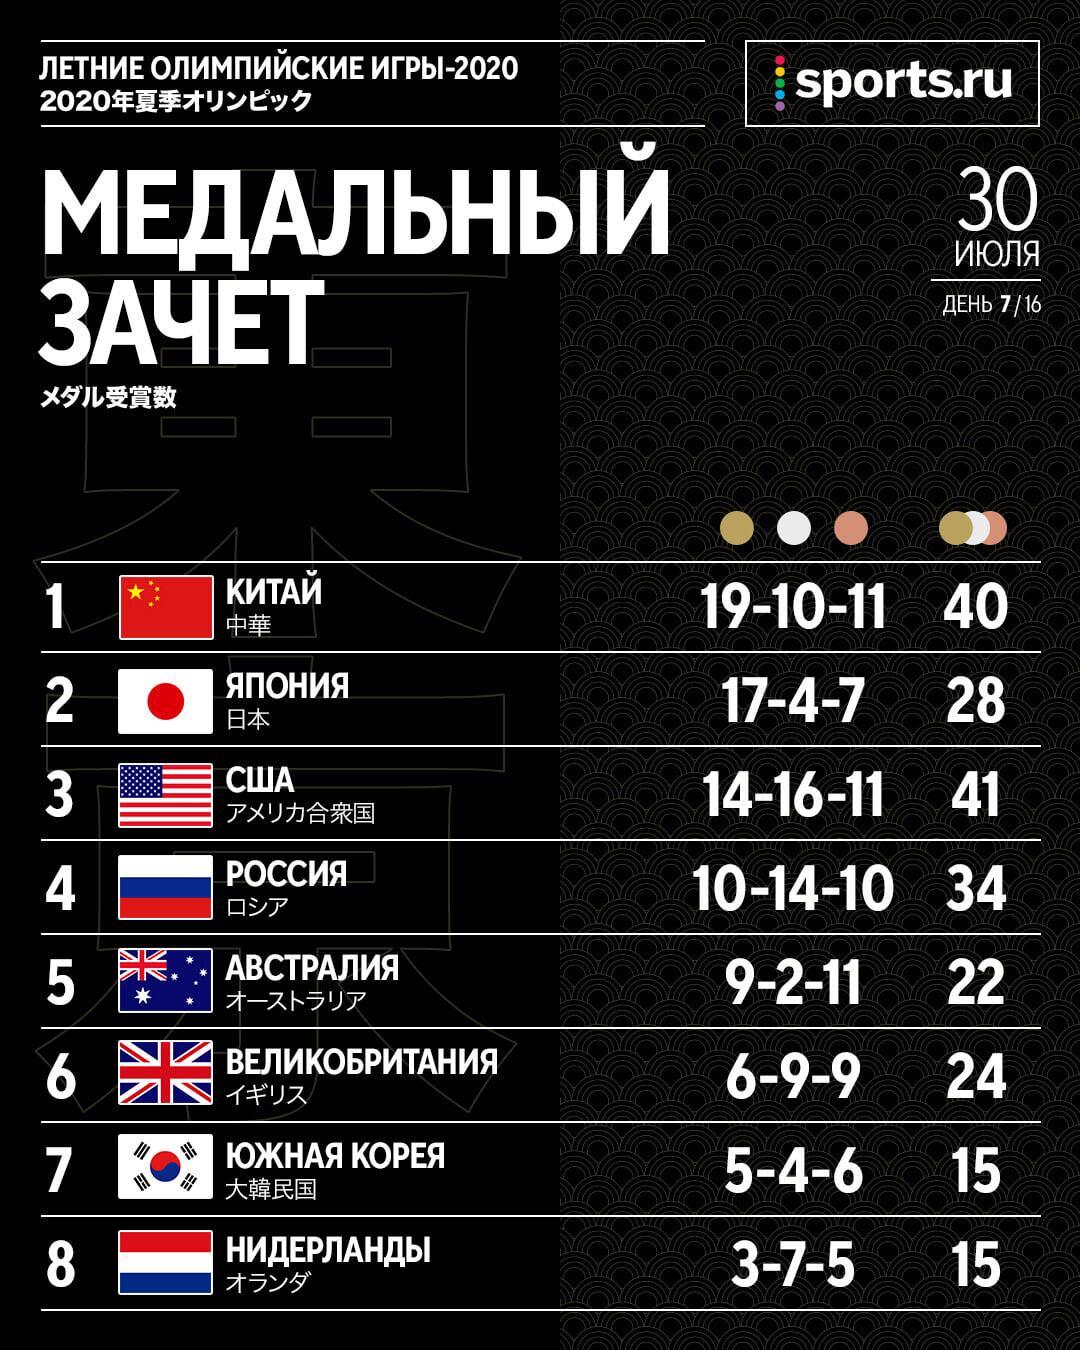 Медальный зачет Олимпийских игр-2020: Китай закрепился на первом месте, Россия рвется в тройку, но проигрывает 4 золотых США